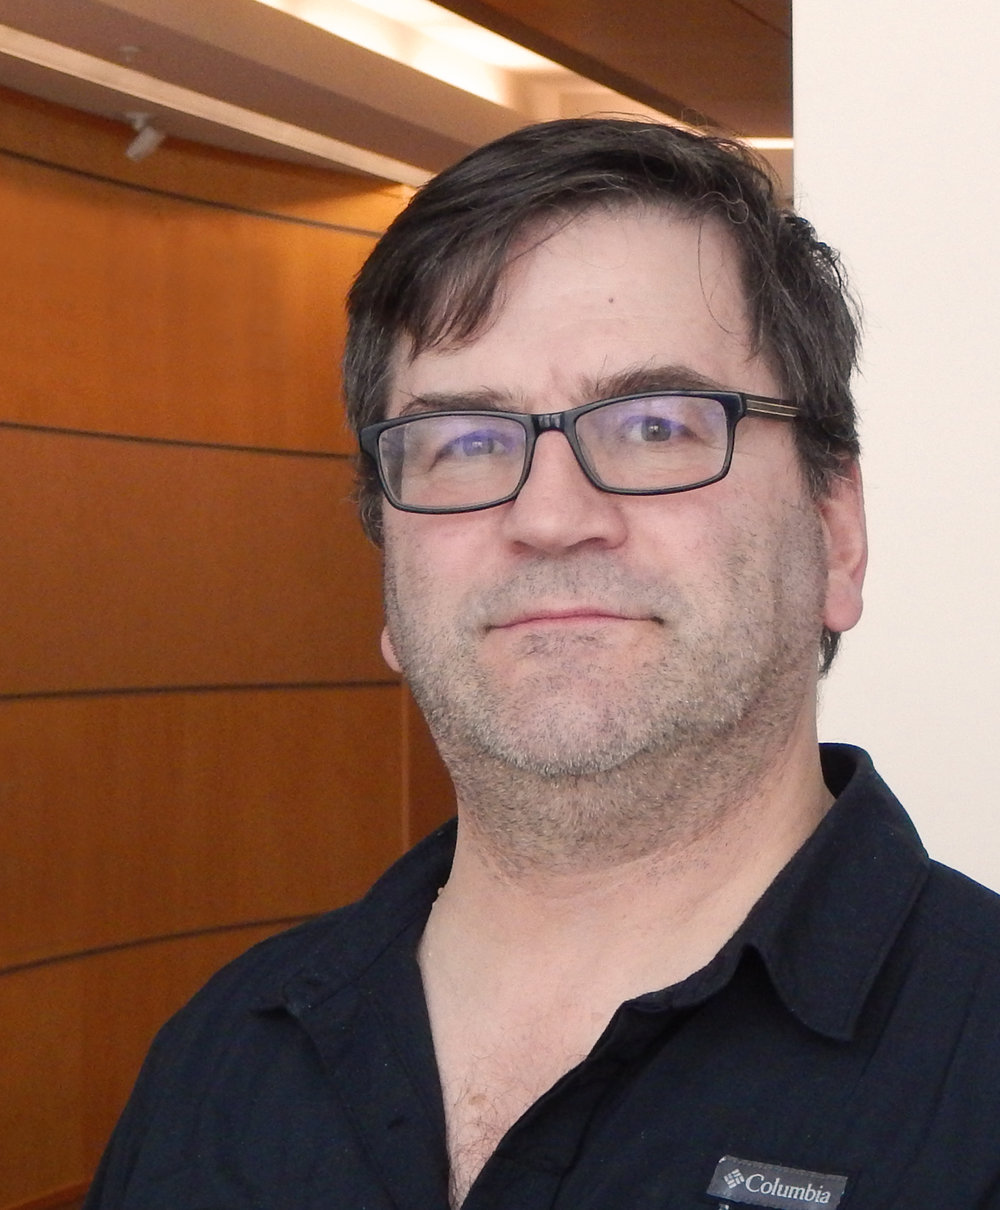 Charles Duguay